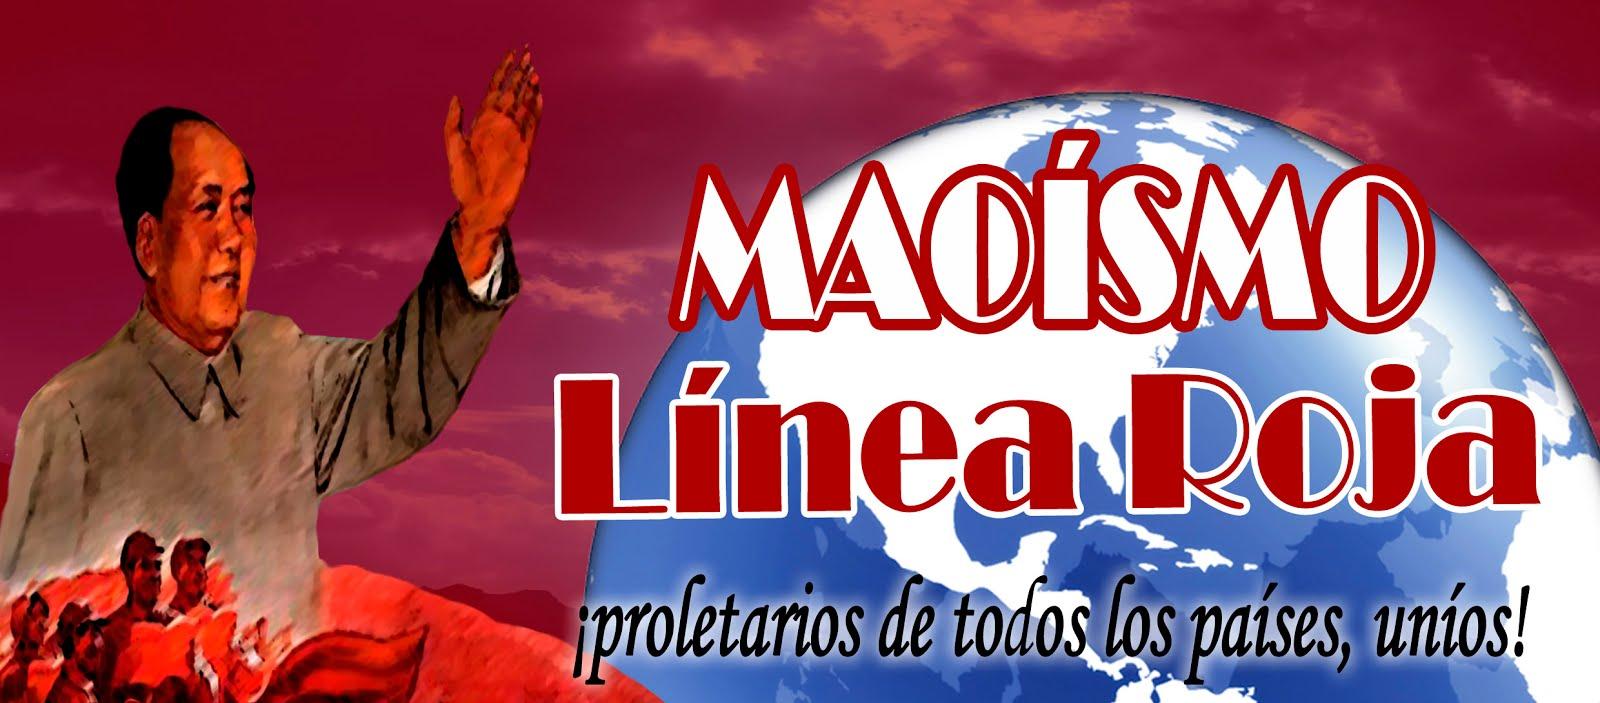 Cómo contactar con la revista Sol Rojo y otras organizaciones maoístas? Mlr4